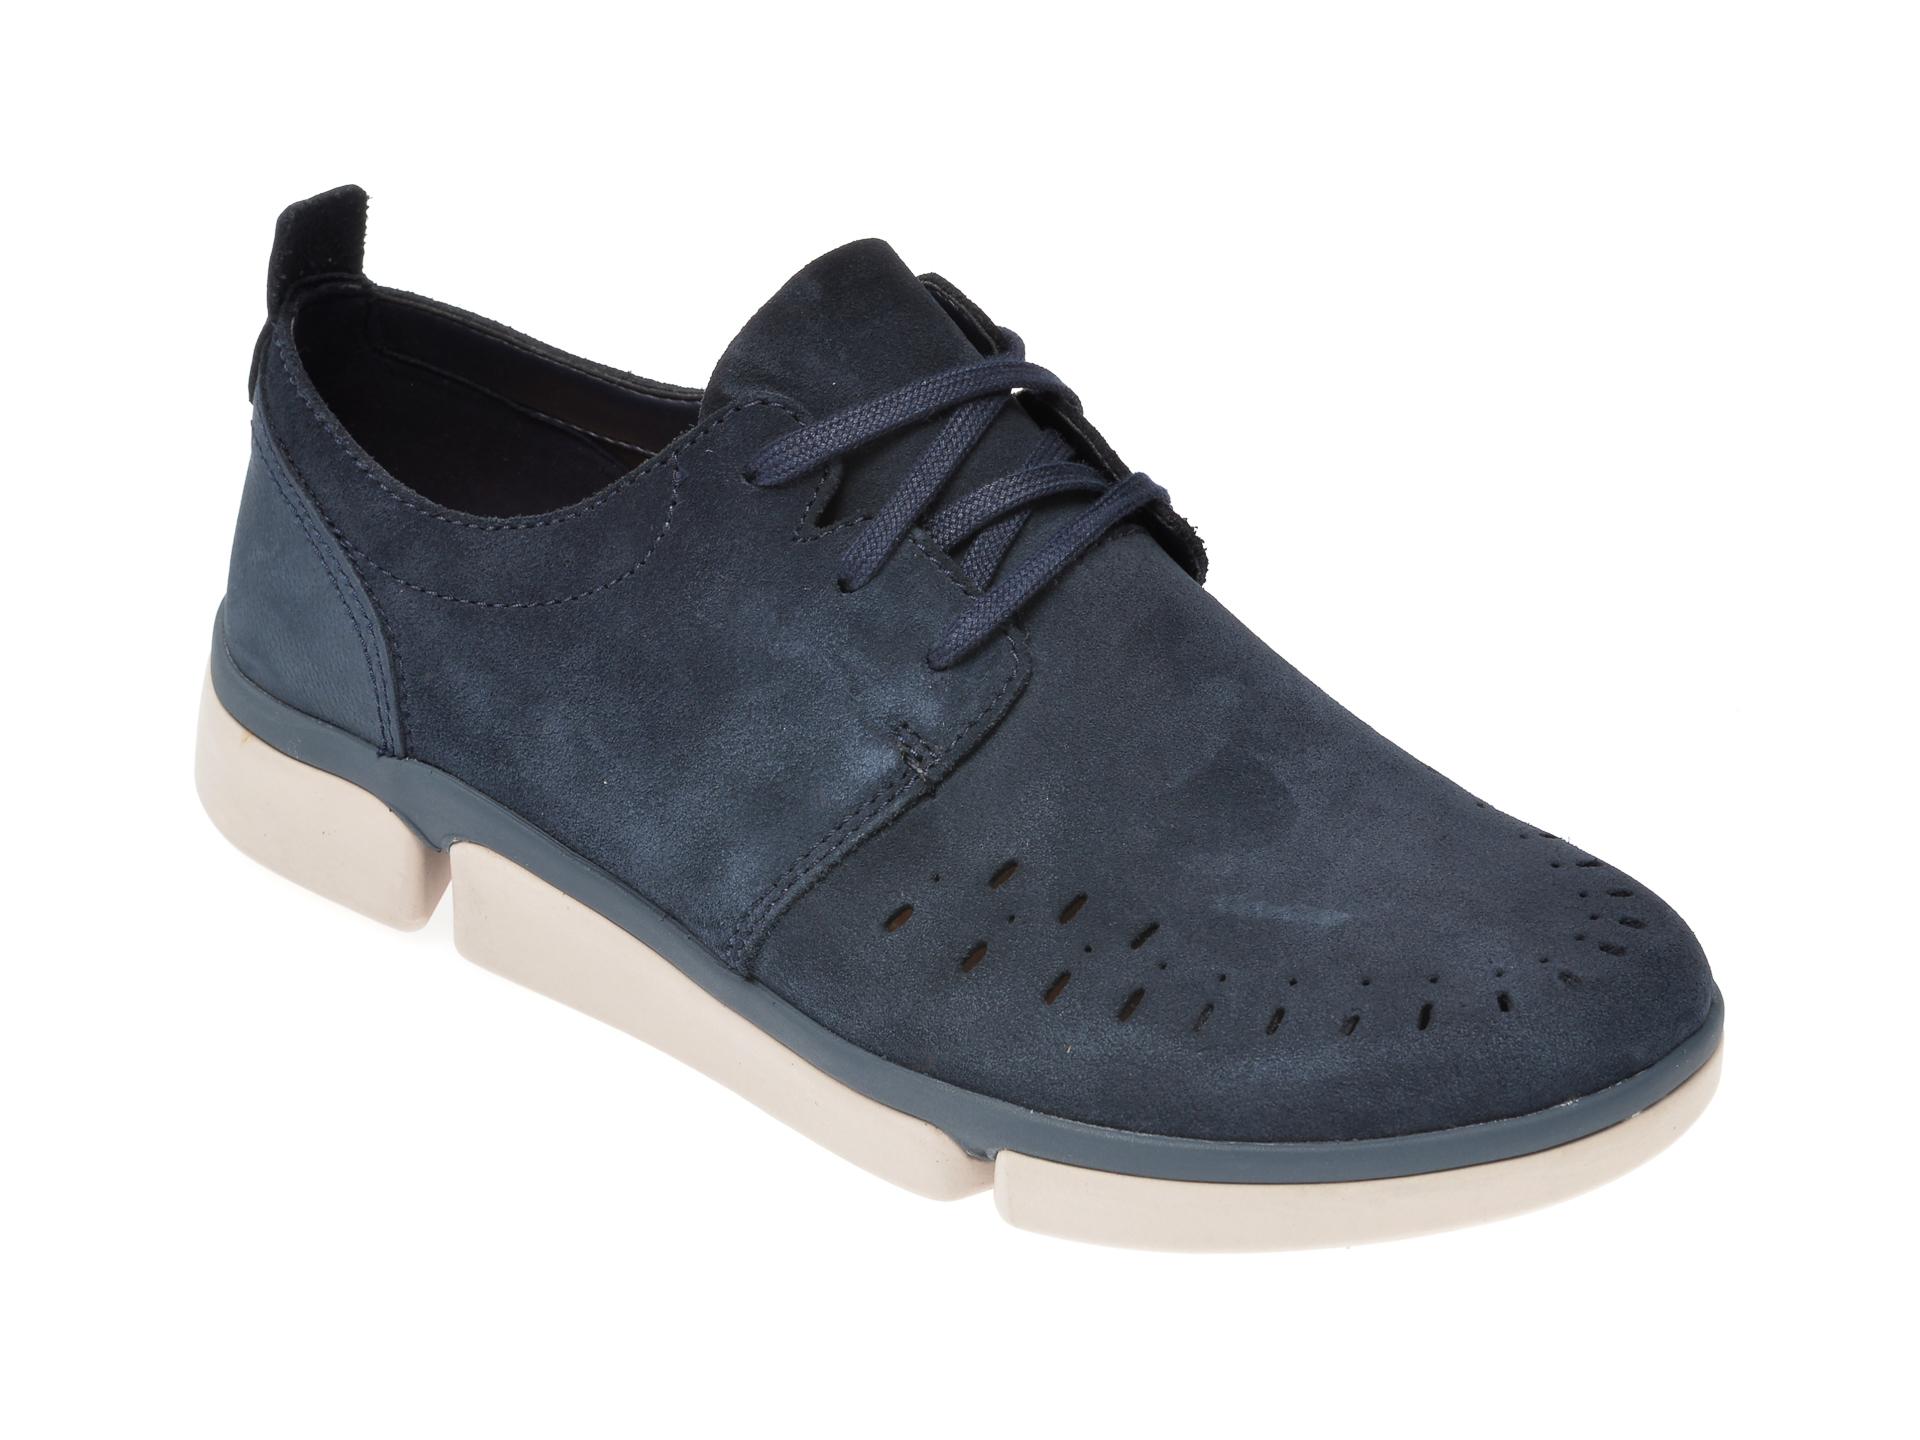 Pantofi CLARKS bleumarin, Tri Verve Boss, din piele intoarsa imagine